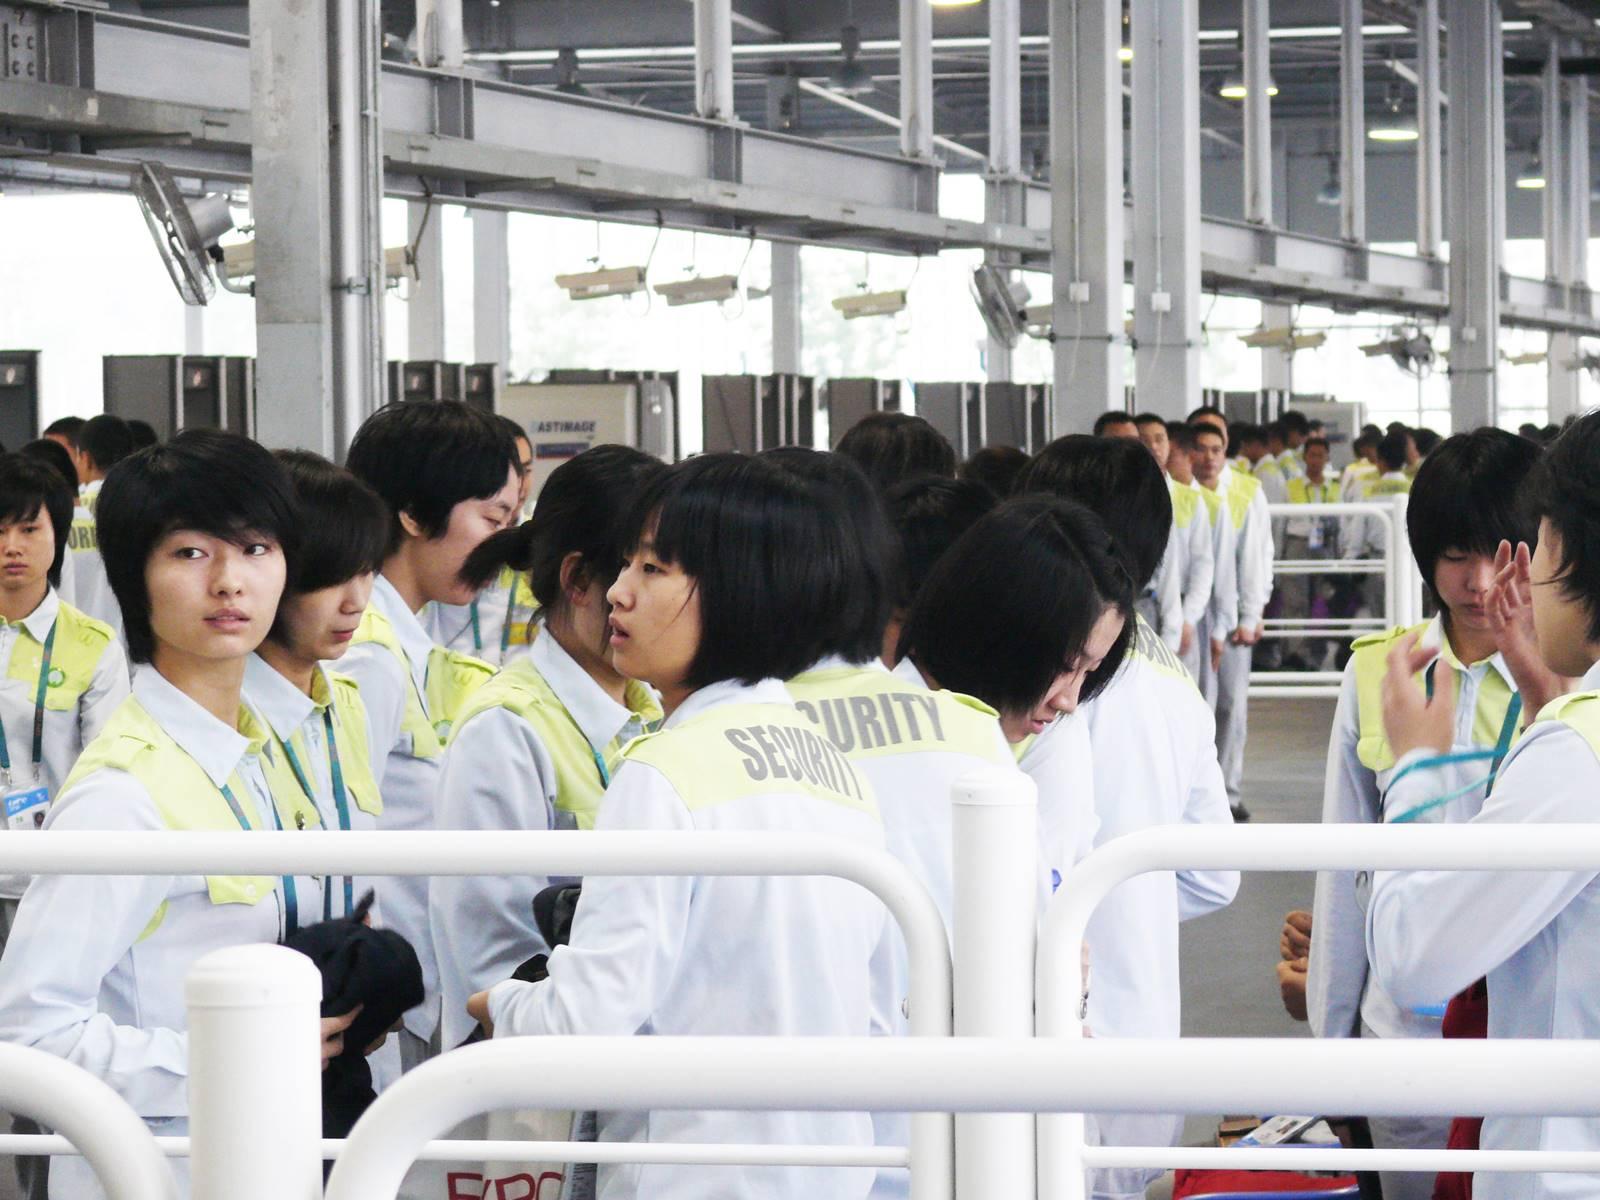 Expo Shanghai 2010 (16)